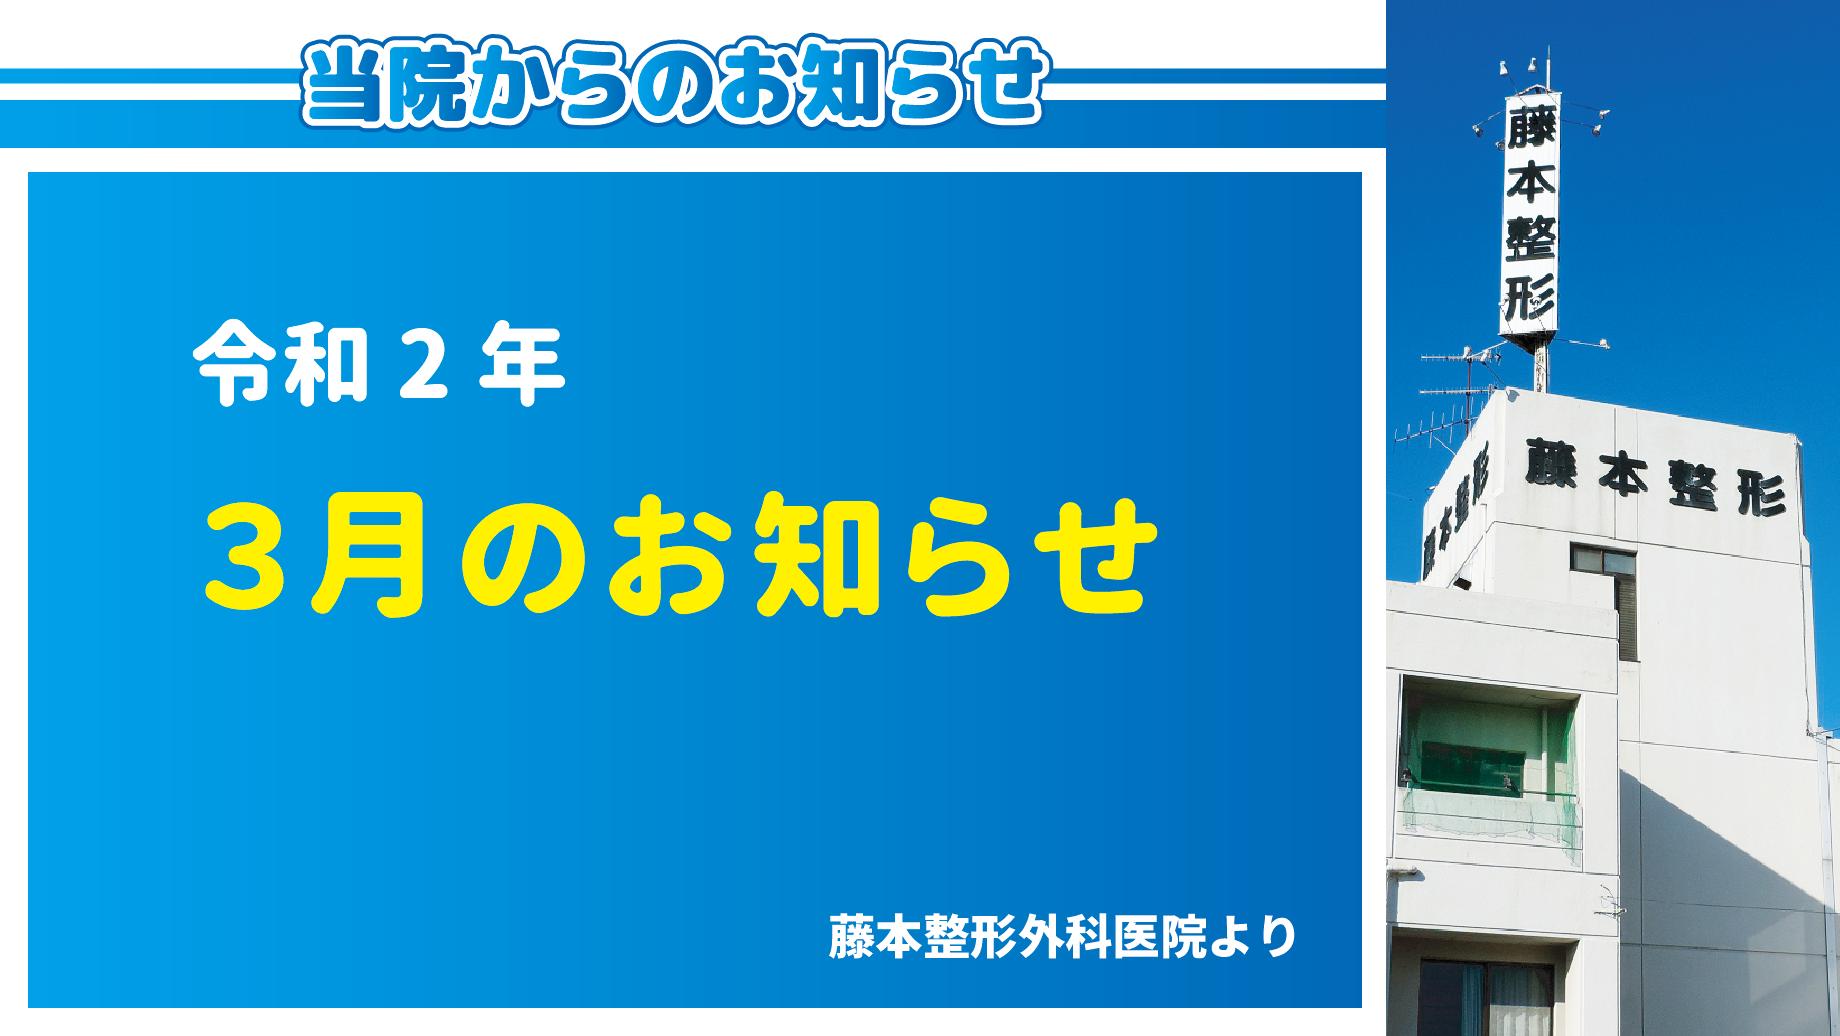 令和2年3月のお知らせ(大分の藤本整形外科医院より)